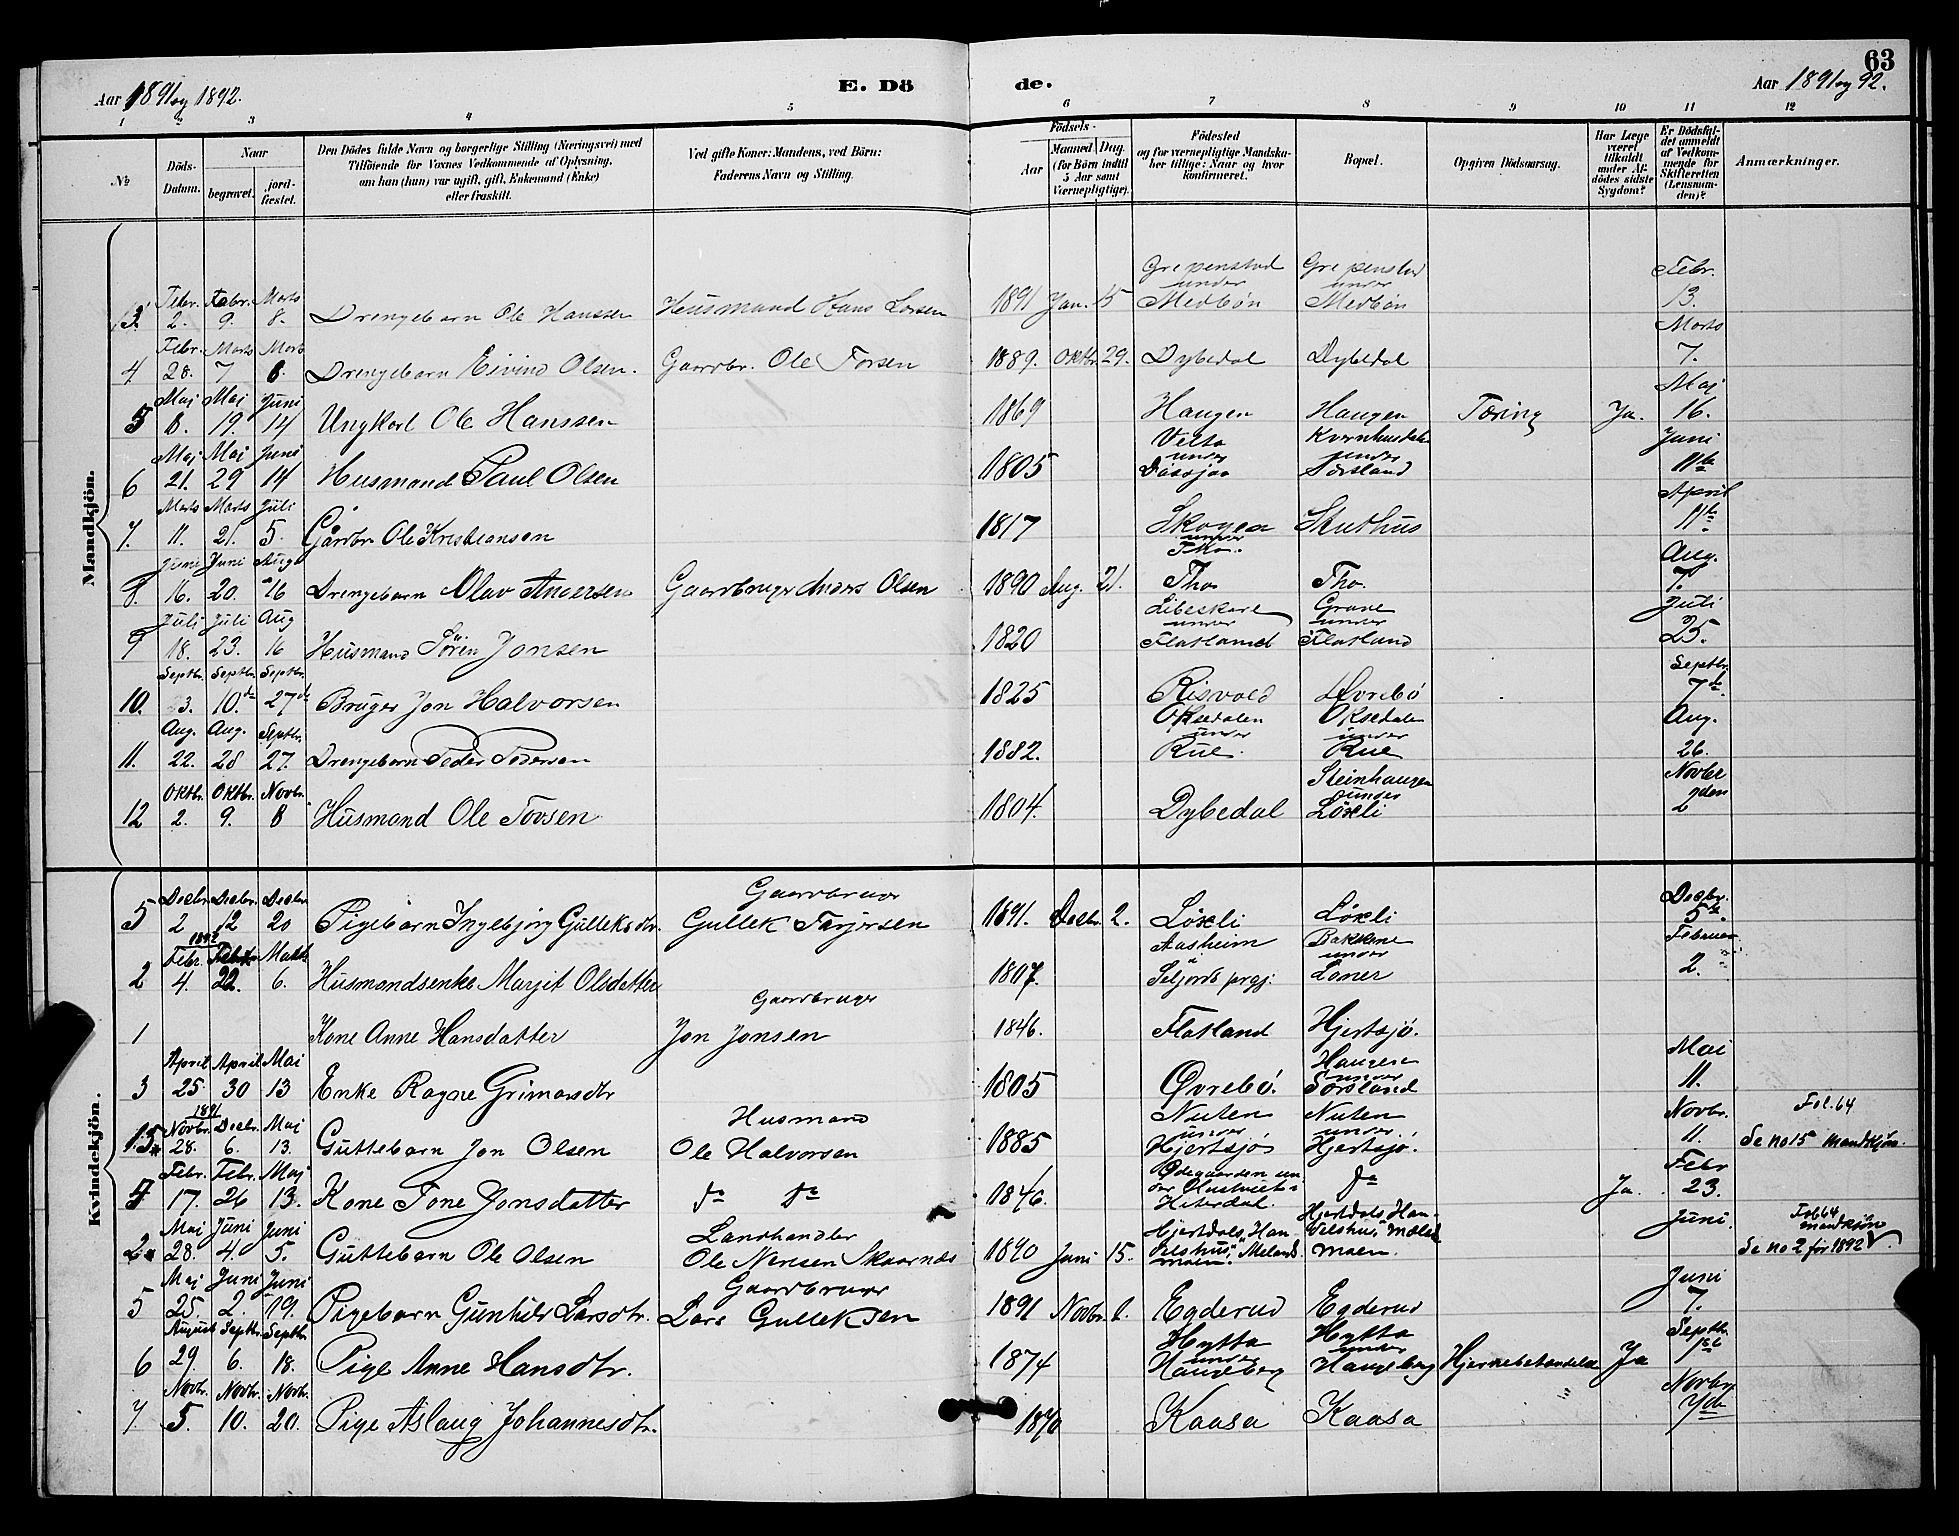 SAKO, Hjartdal kirkebøker, G/Ga/L0003: Klokkerbok nr. I 3, 1889-1896, s. 63